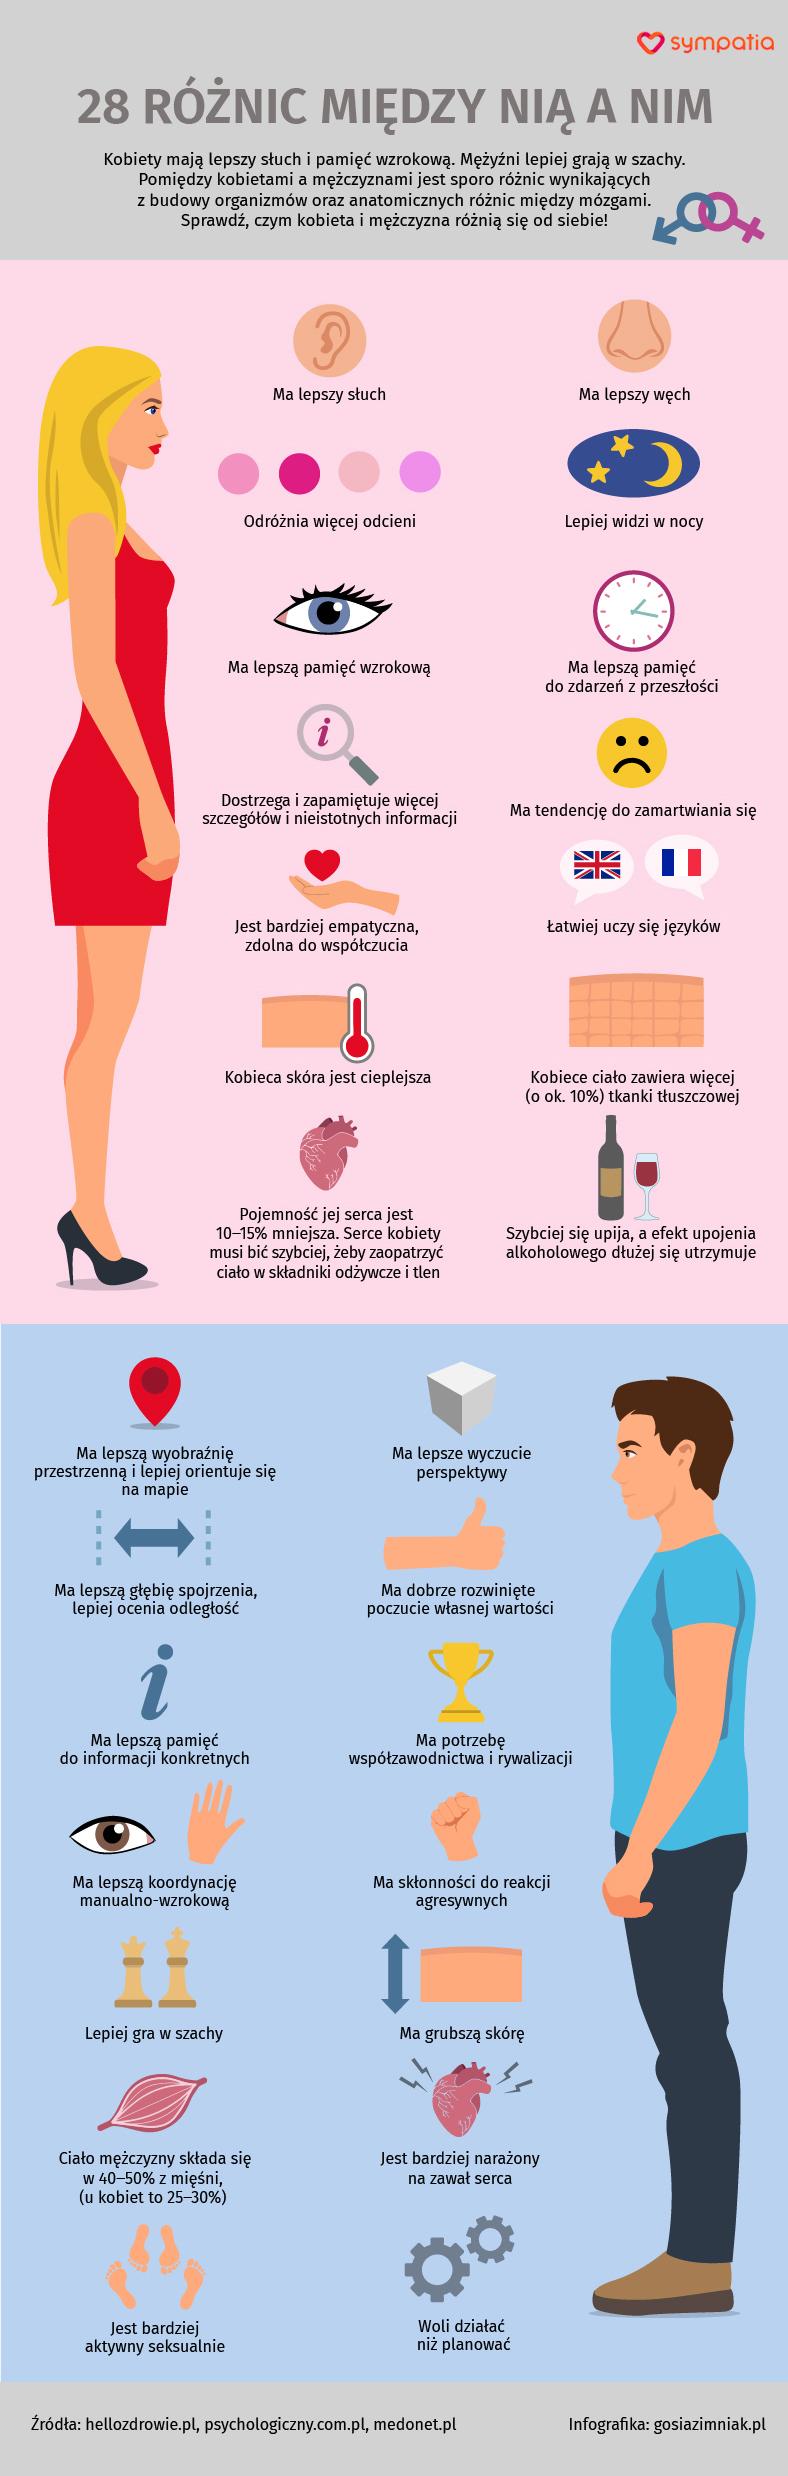 b164bc511f0bb7 28 różnic między kobietą a mężczyzną [INFOGRAFIKA] - Sympatia Porady